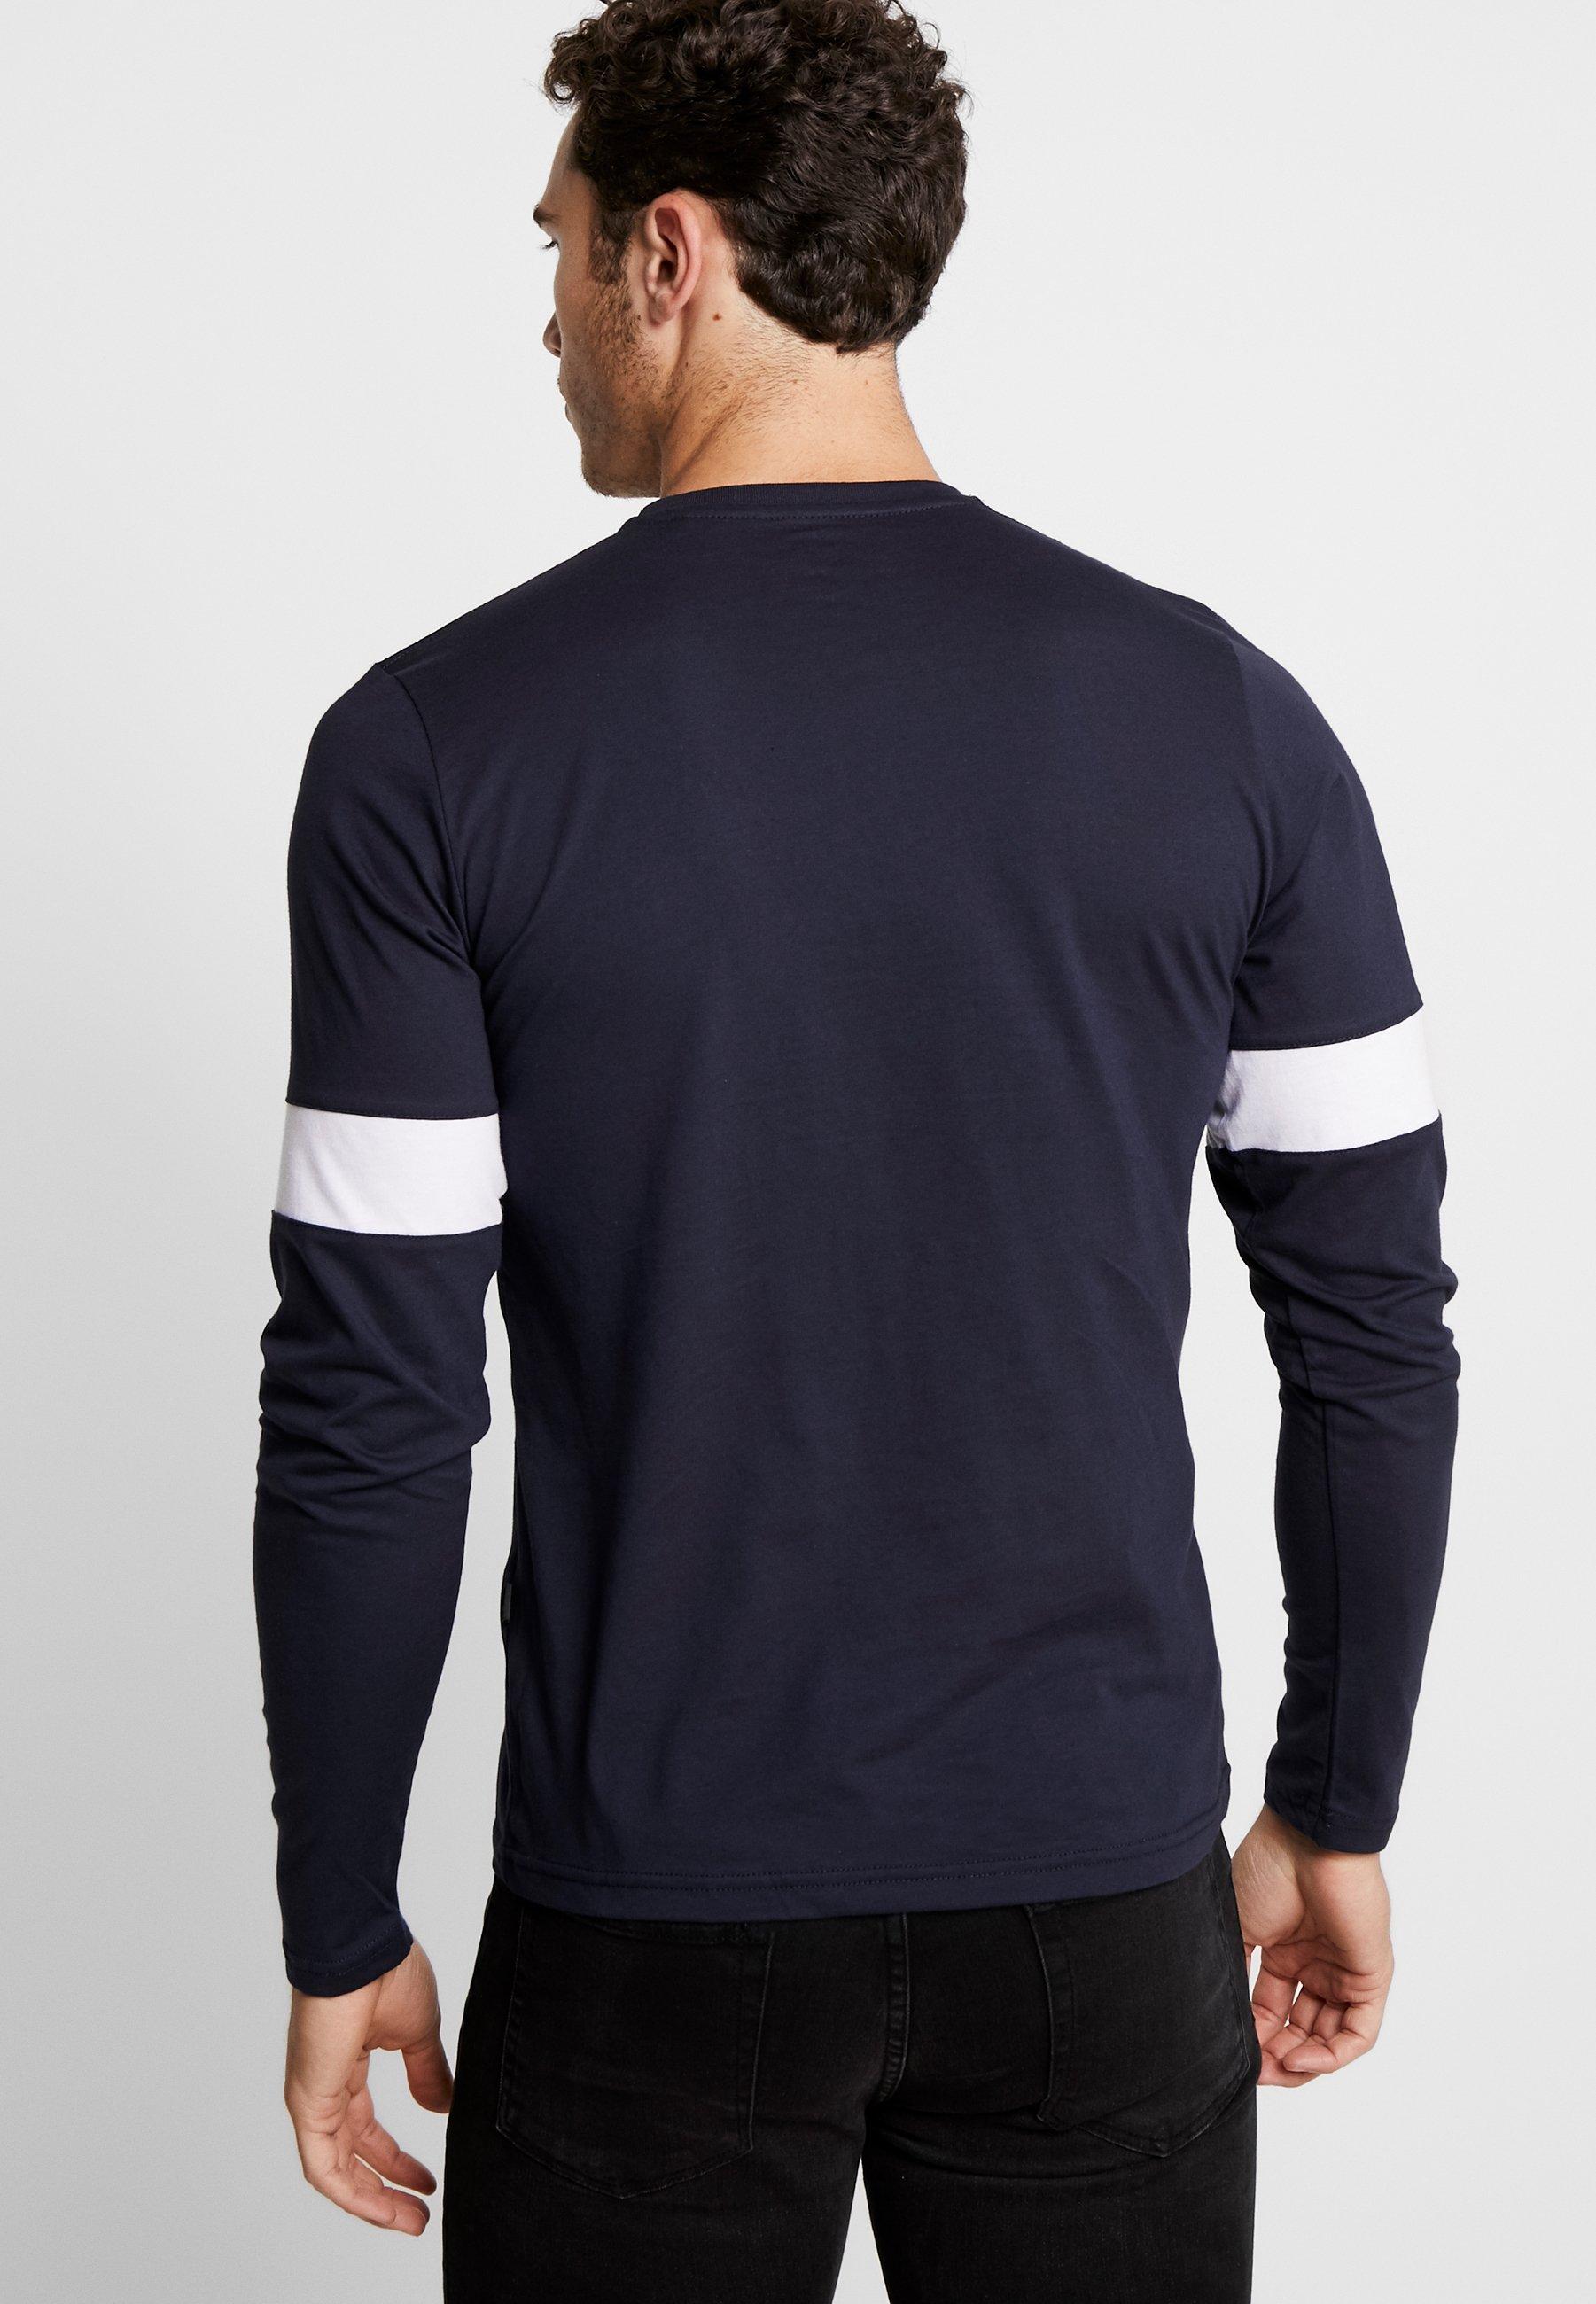 shirt Alpha À Manches white LonguesRep Blue Industries T j35L4AR